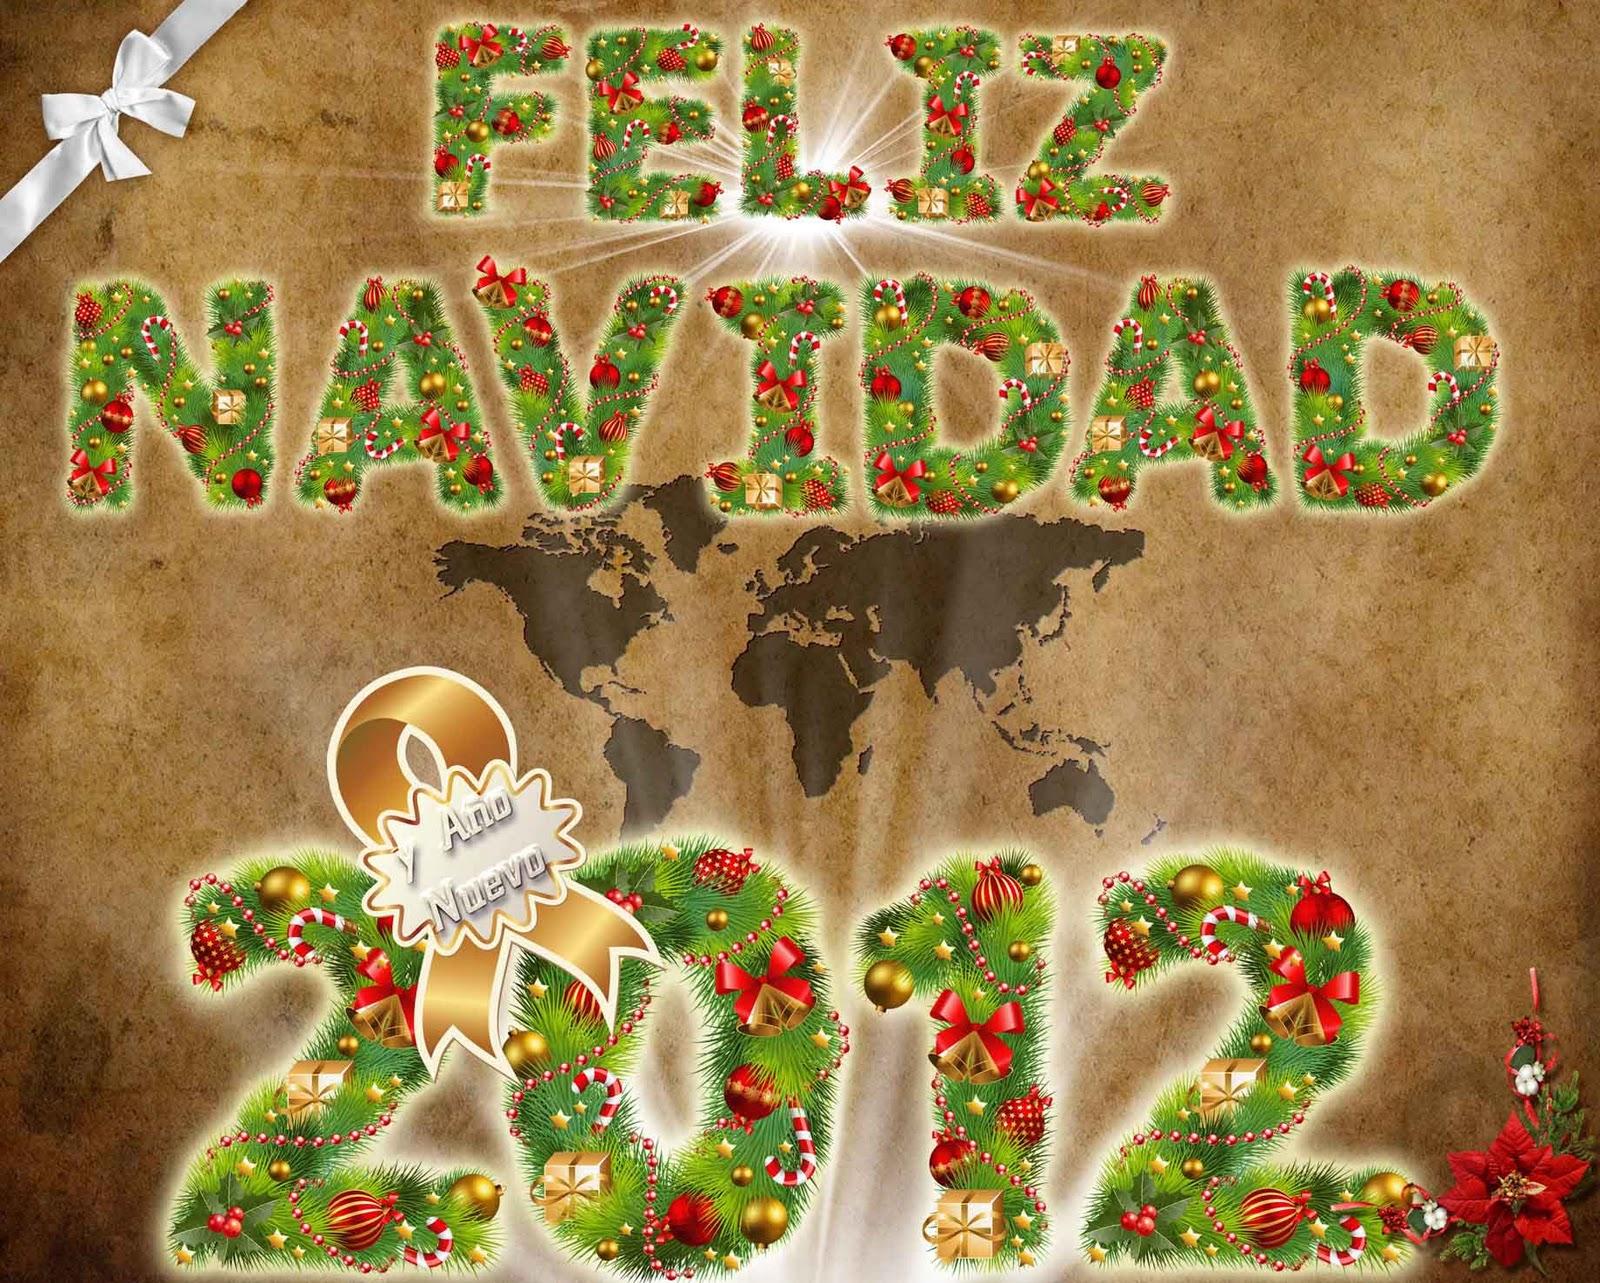 http://1.bp.blogspot.com/-0Xne5qQ1tJw/Tnl318aRCoI/AAAAAAAAAYA/8skYzywMstk/s1600/feliz+navidad+en+psd.jpg